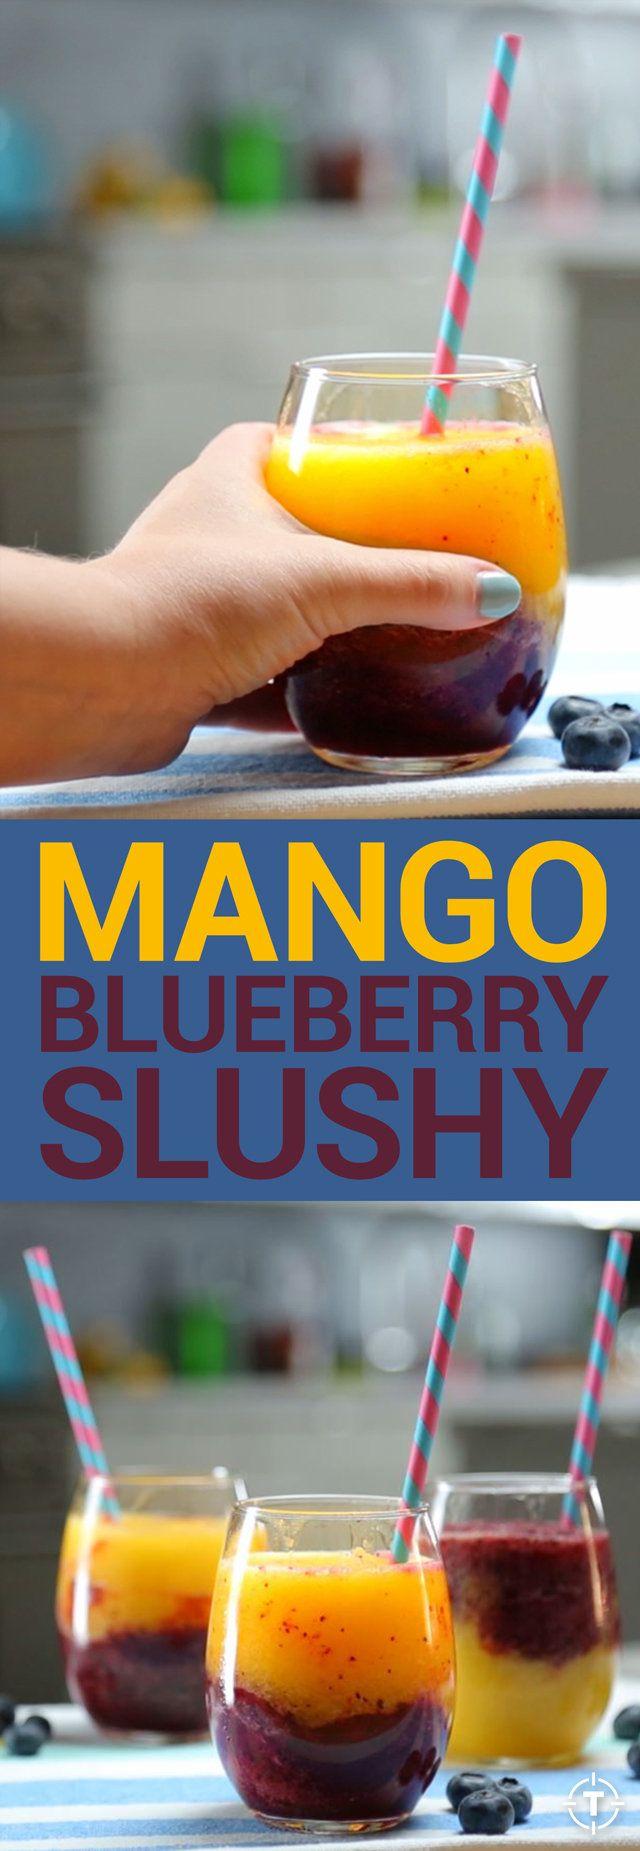 Mango and Blueberry Slushy Recipe Video